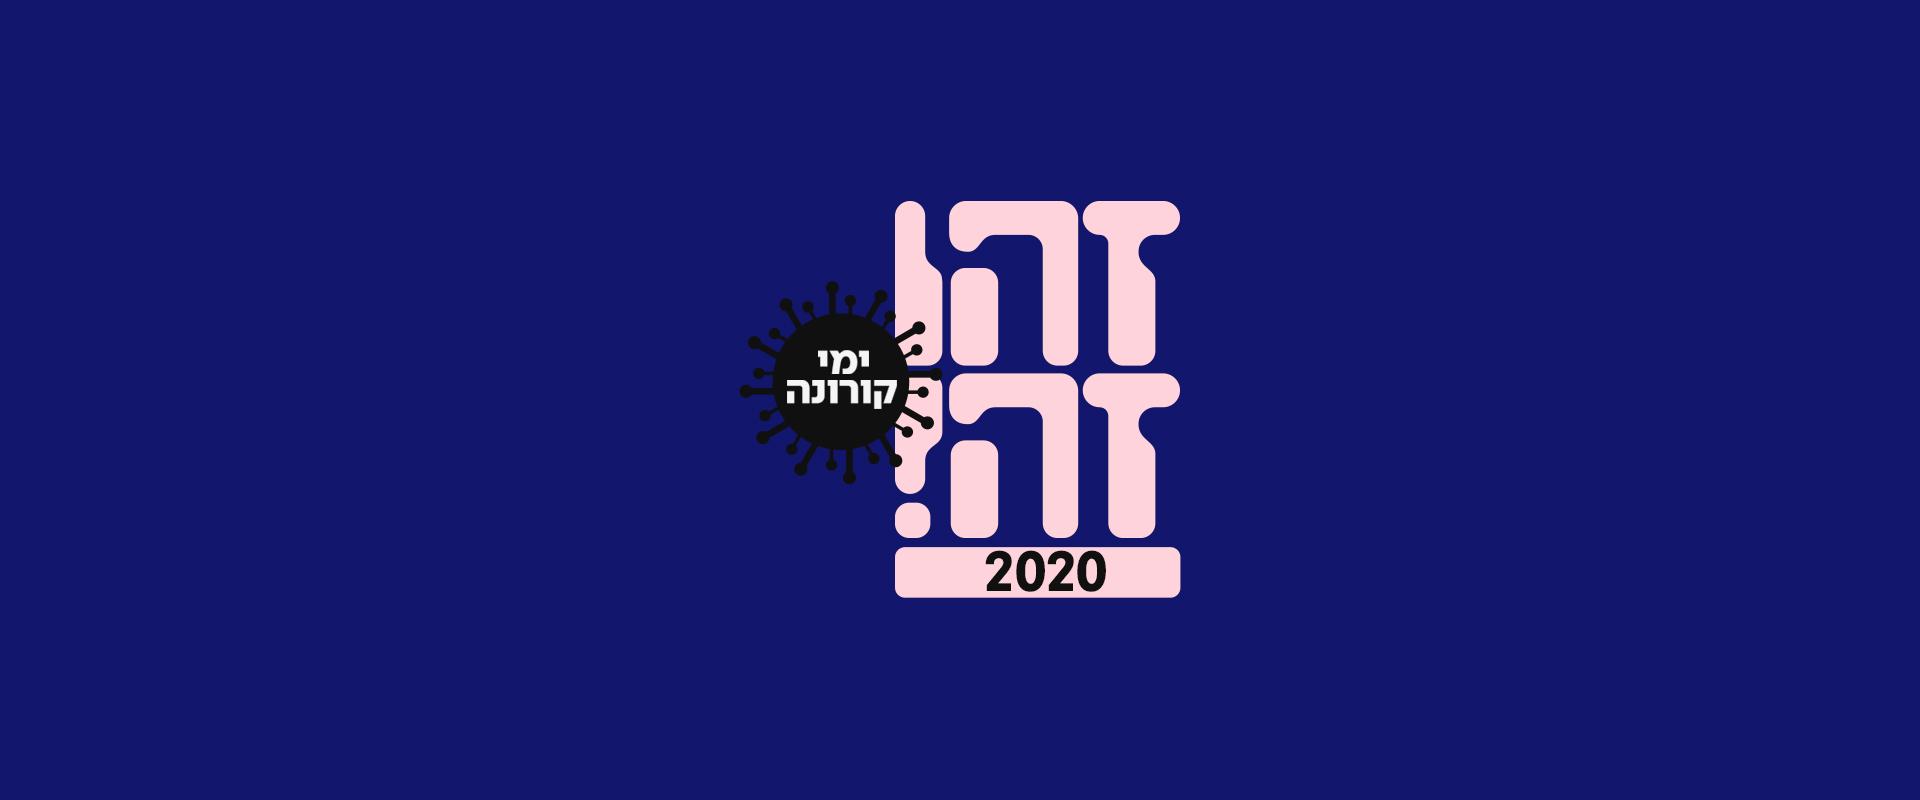 זהו זהו 2020